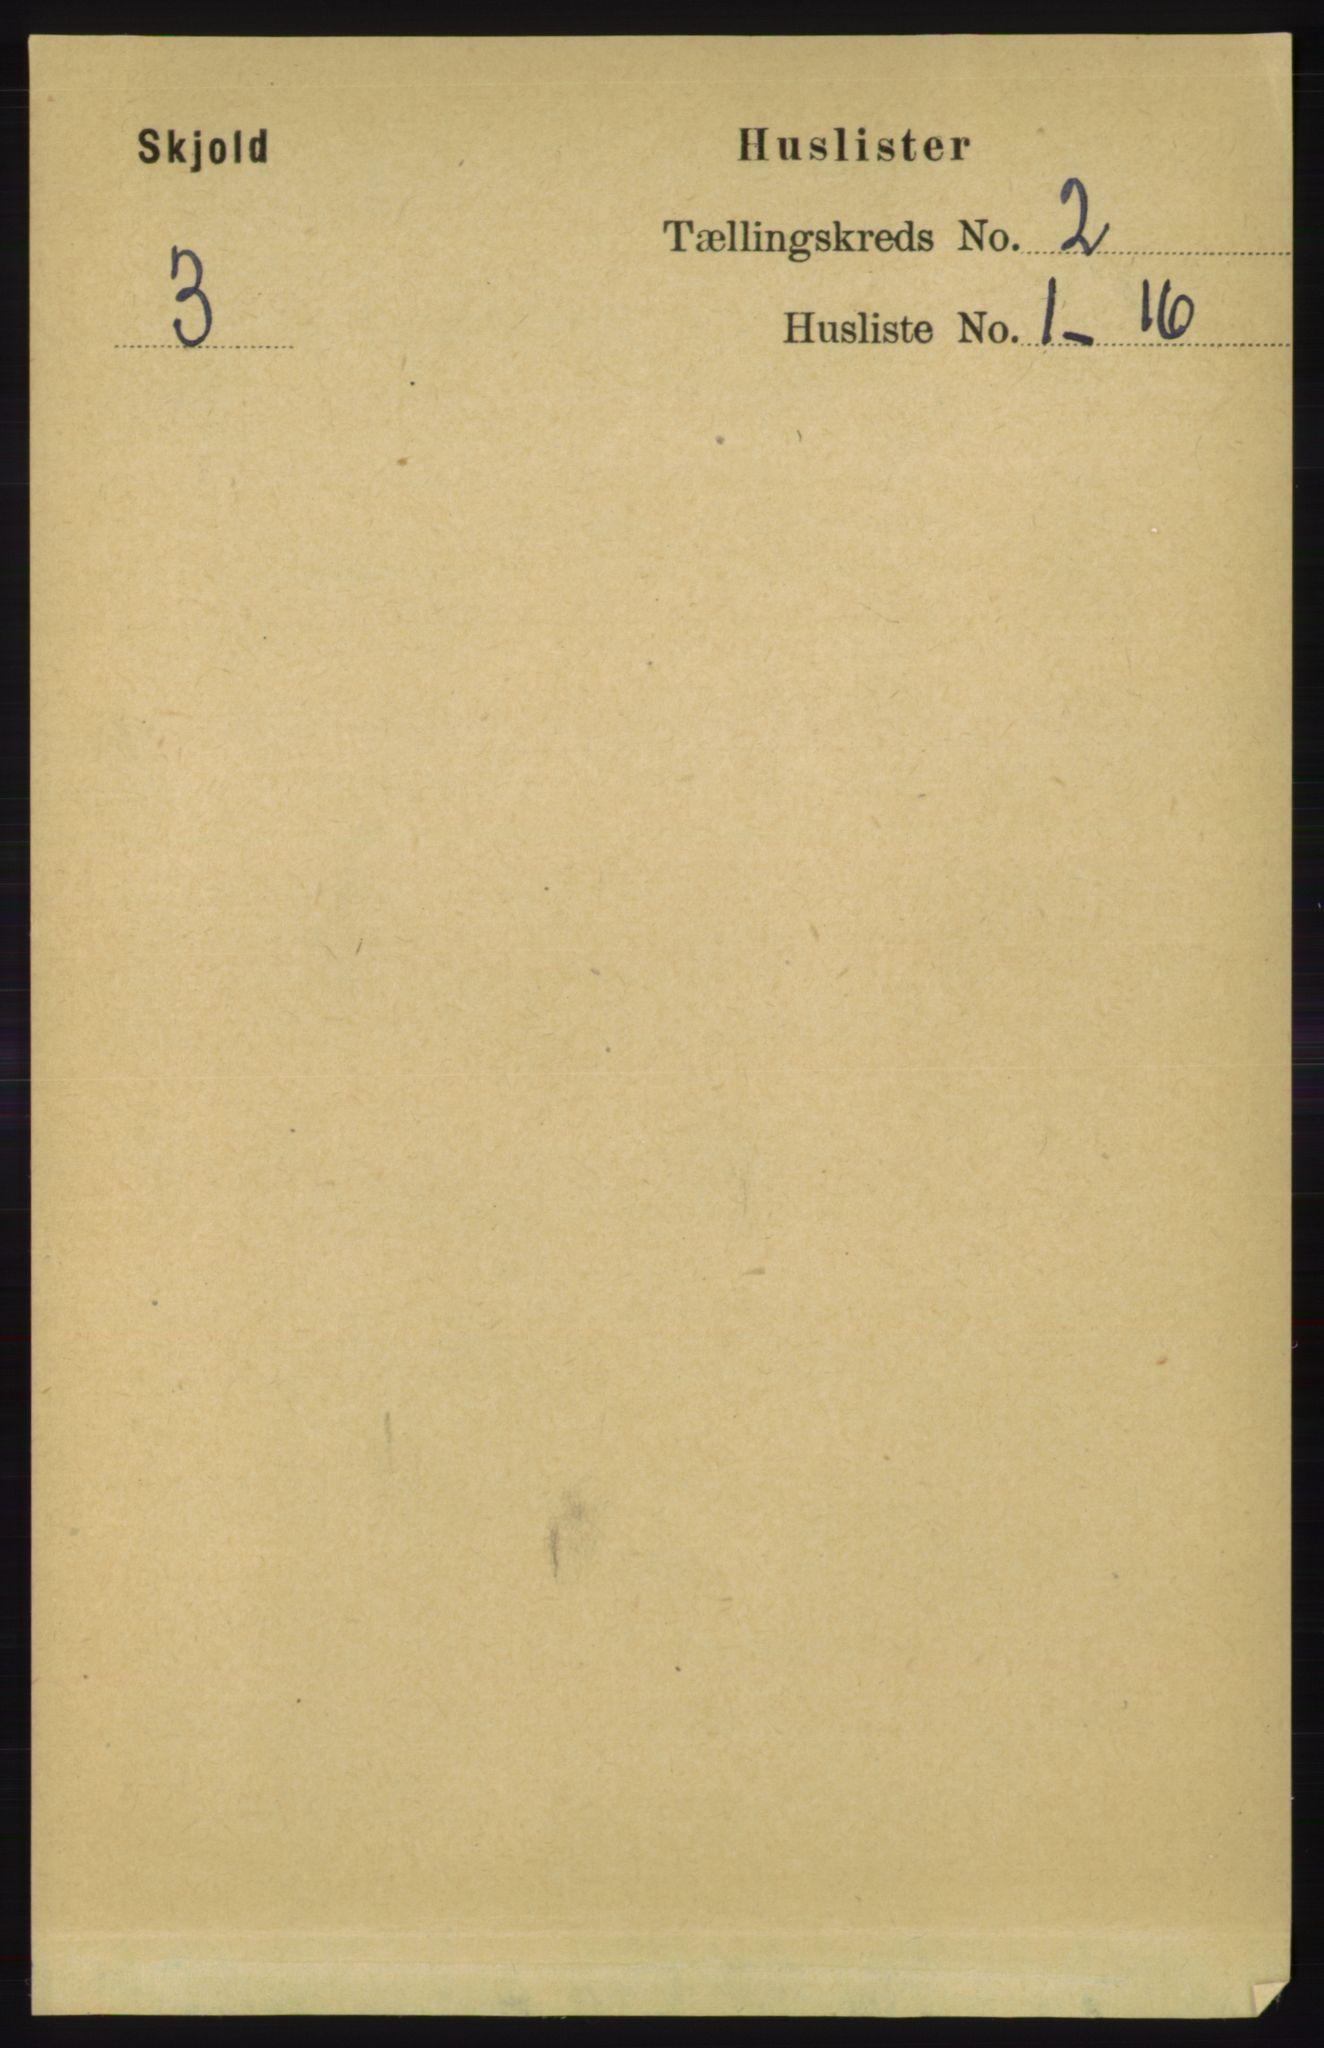 RA, Folketelling 1891 for 1154 Skjold herred, 1891, s. 264